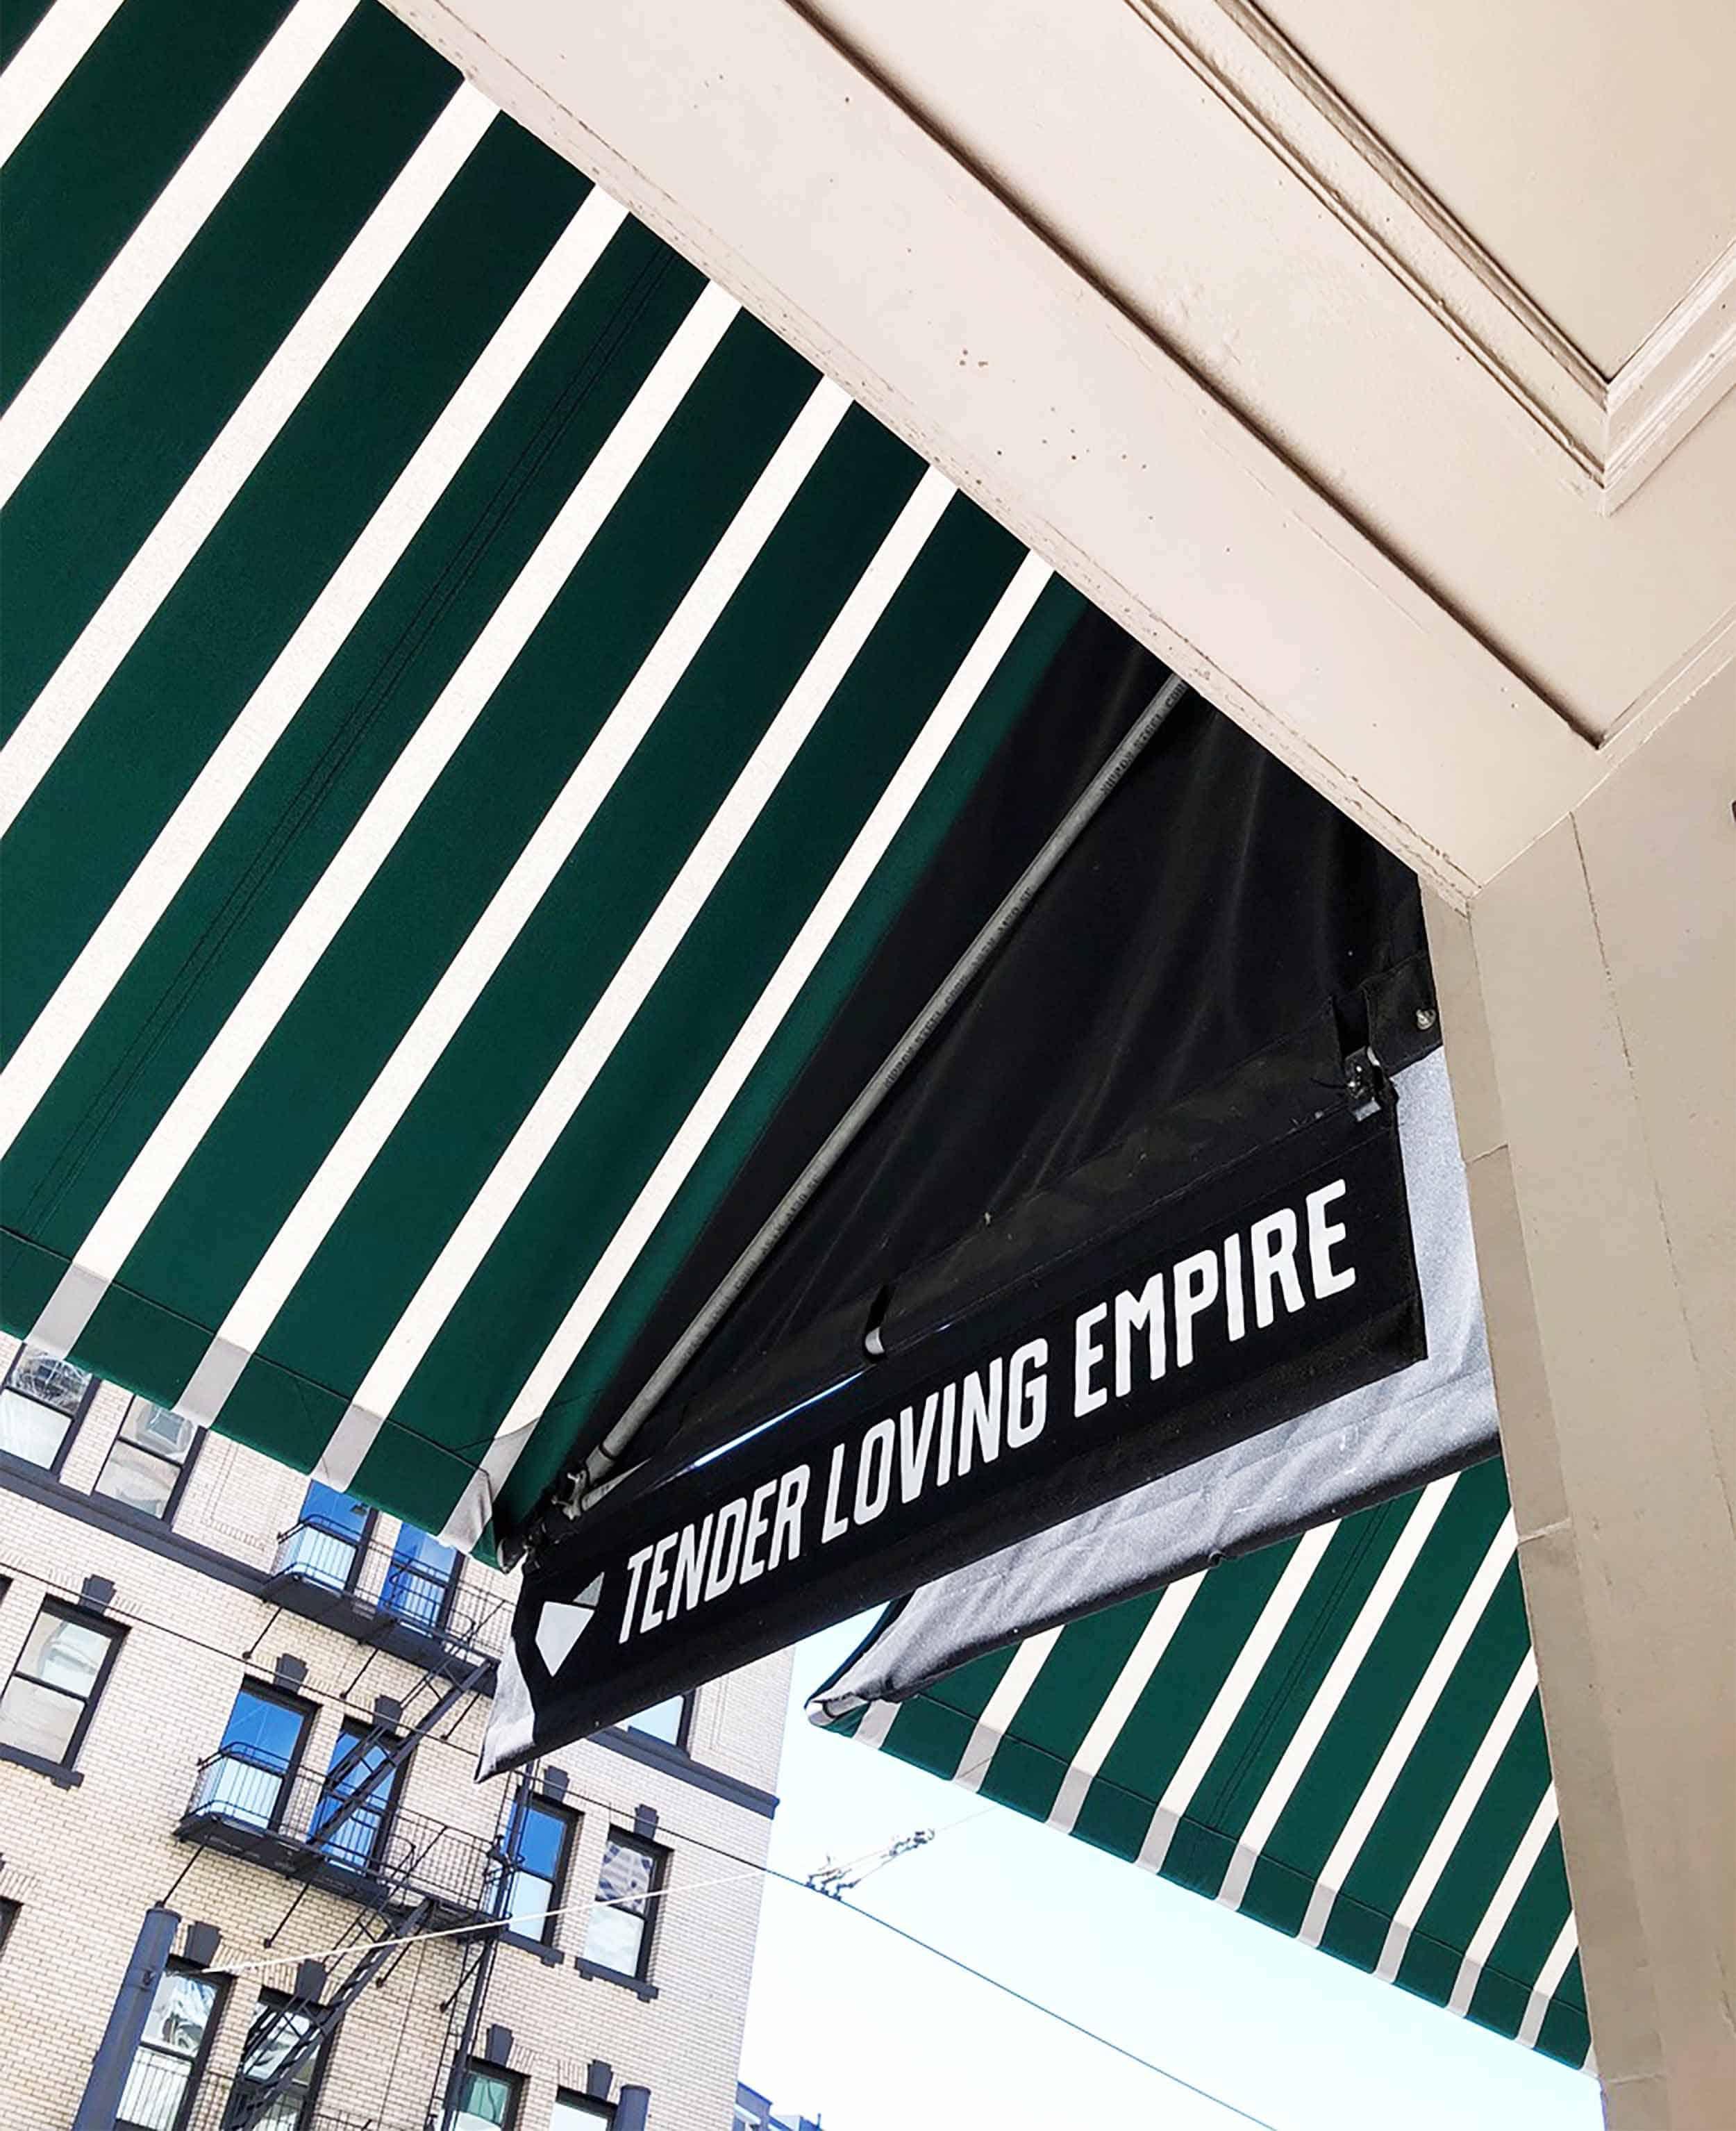 Tender Loving Empire Outside